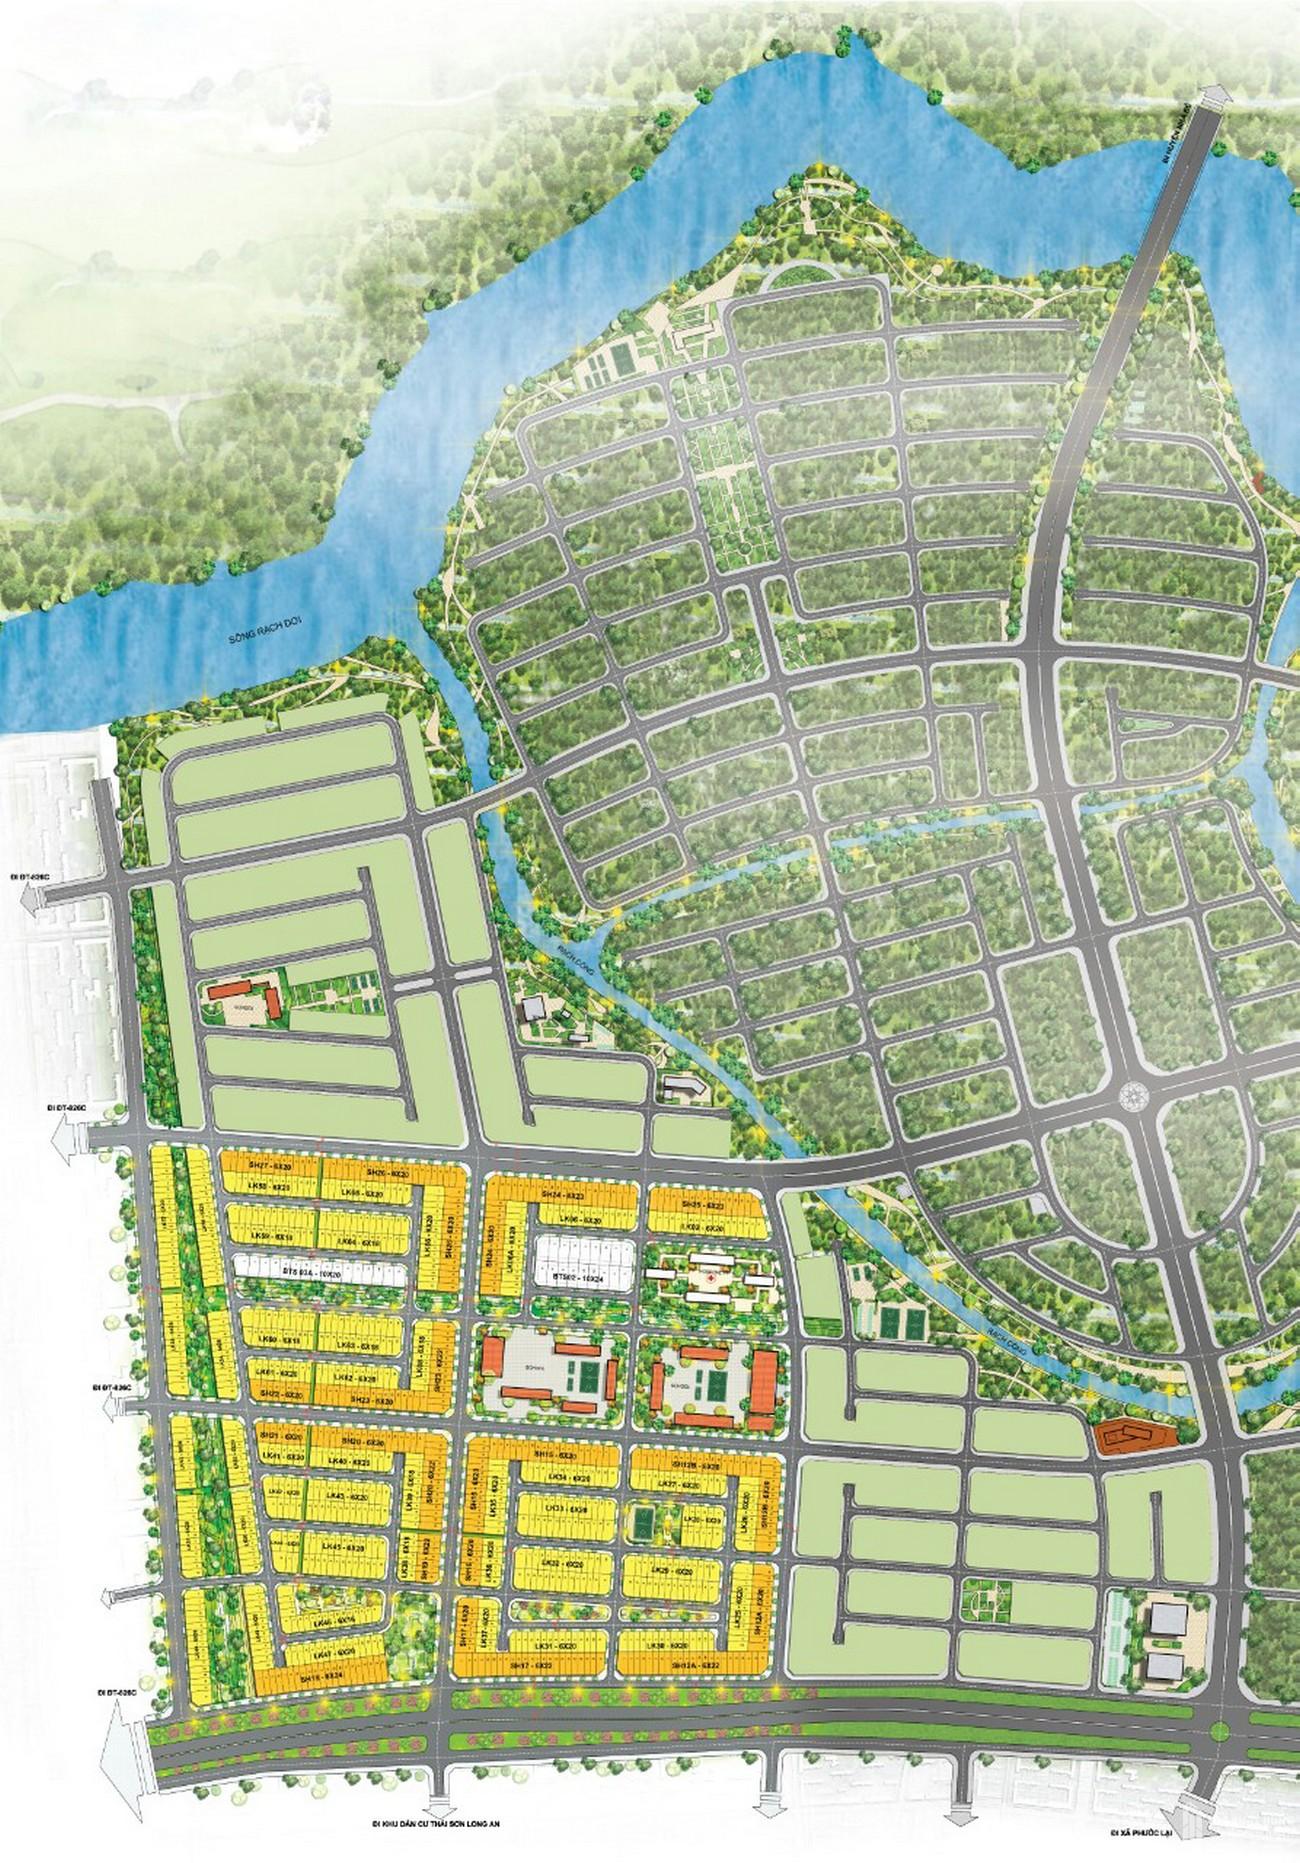 Mặt bằng dự án đất nền T&T Millennia City Cần Giuộc Đường Lê Văn Lương chủ đầu tư T&T Group